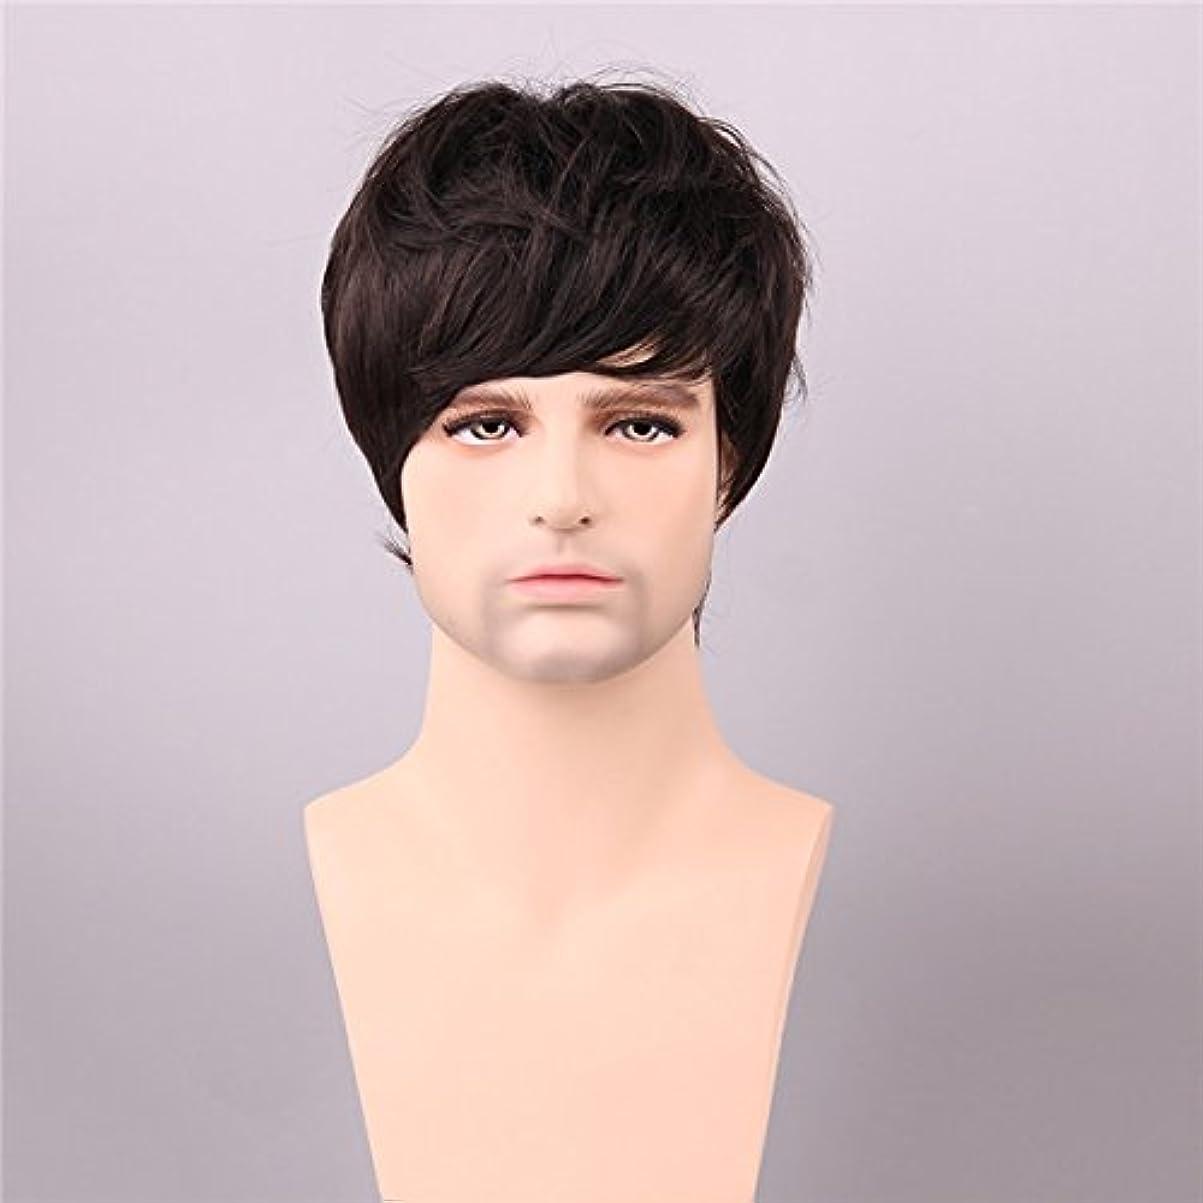 コントローラ全体推進YZUEYT ミディアムブラウン人間の毛のウィッグショートモノトップ男性ヴァージンレミーキャップレスサイドバング YZUEYT (Size : One size)